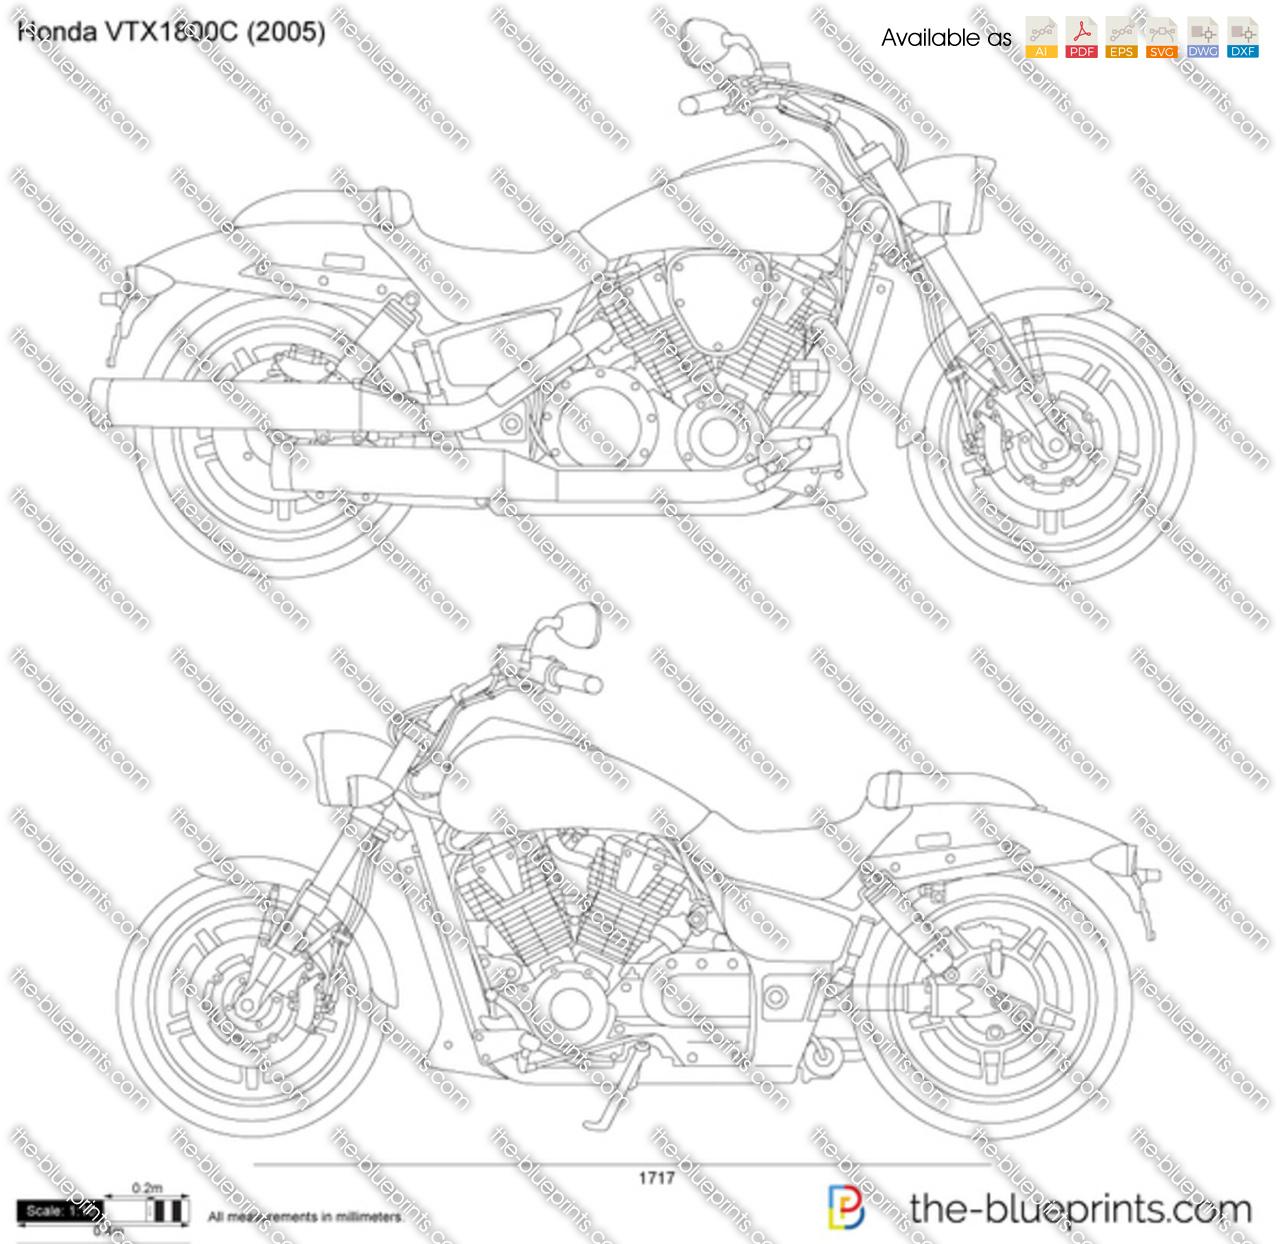 Honda VTX1800C